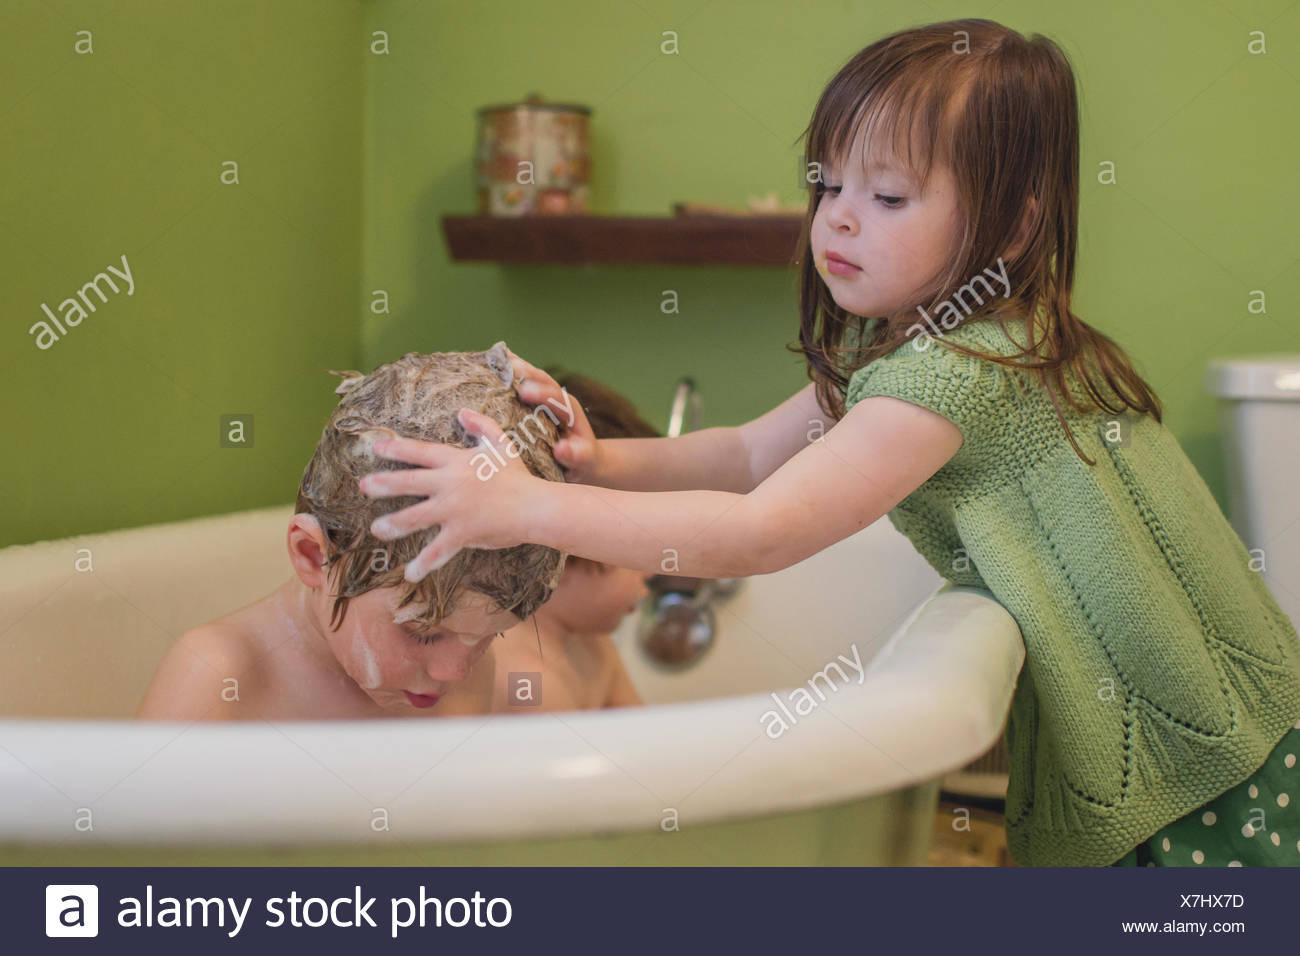 Laver les cheveux de garçon fille Photo Stock